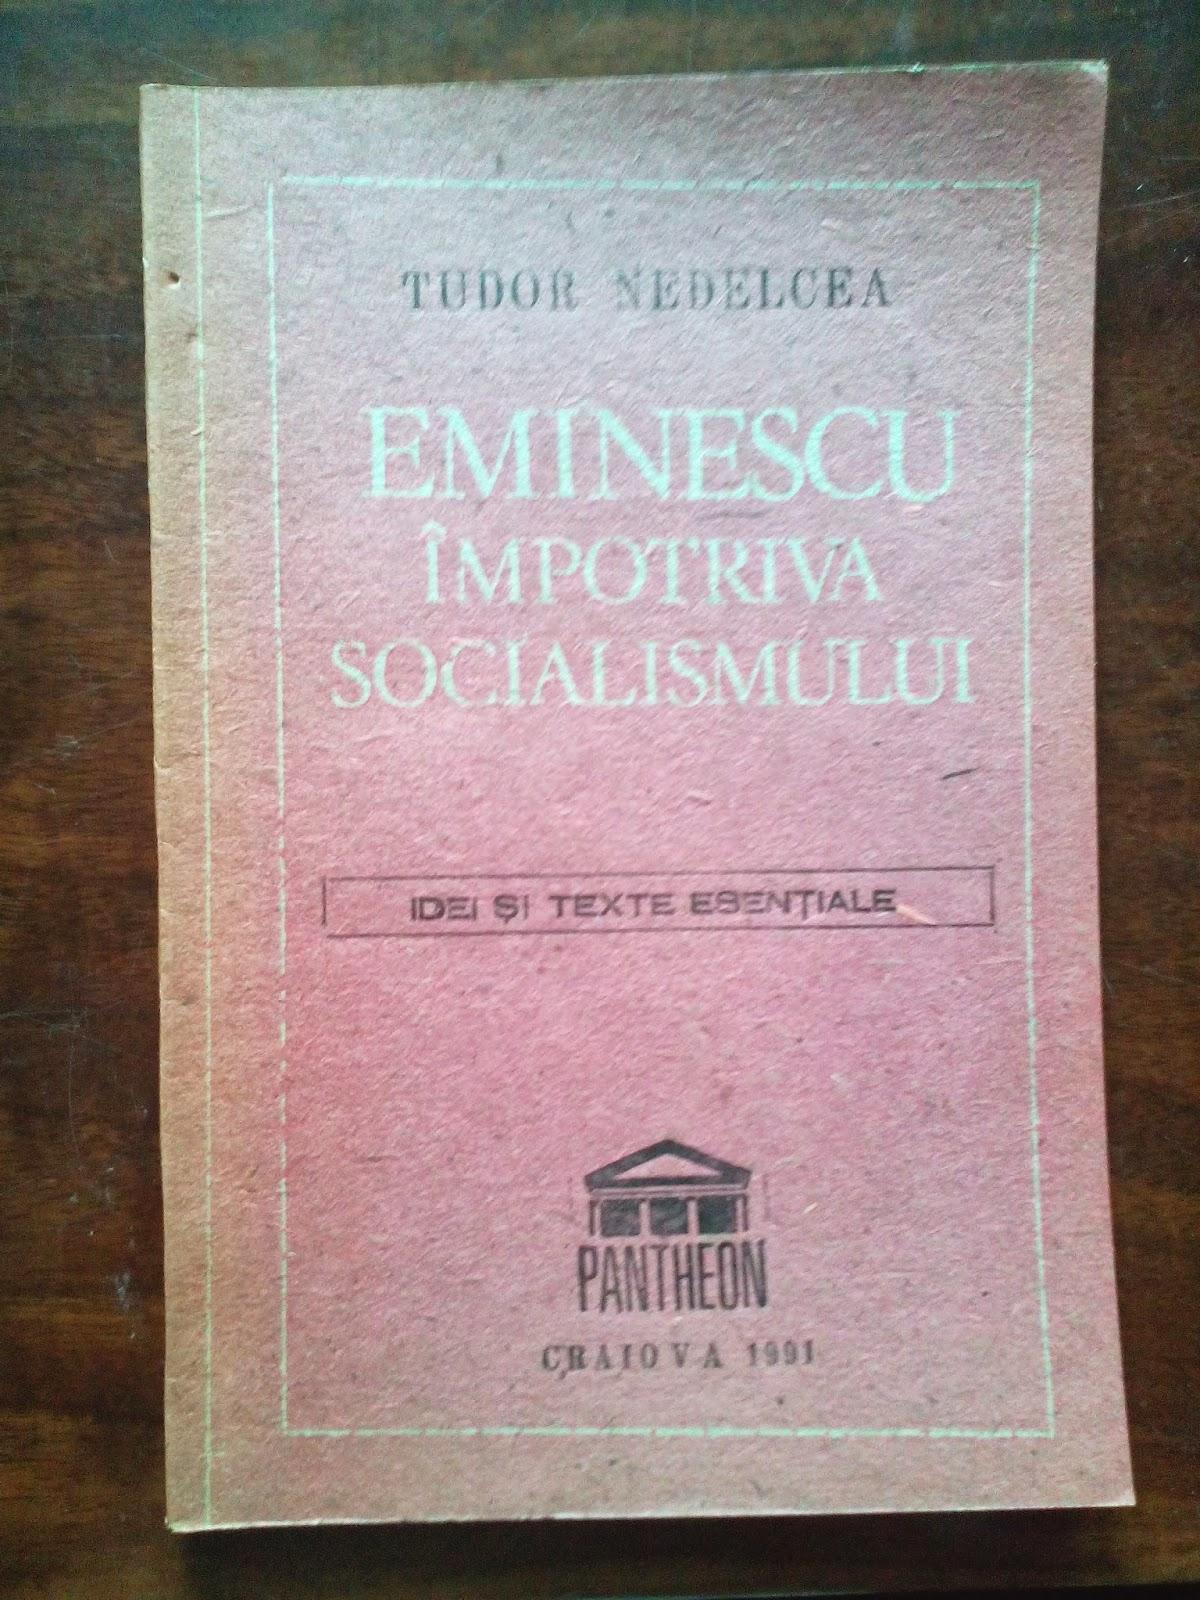 Tudor Nedelcea - Eminescu impotriva socialismului